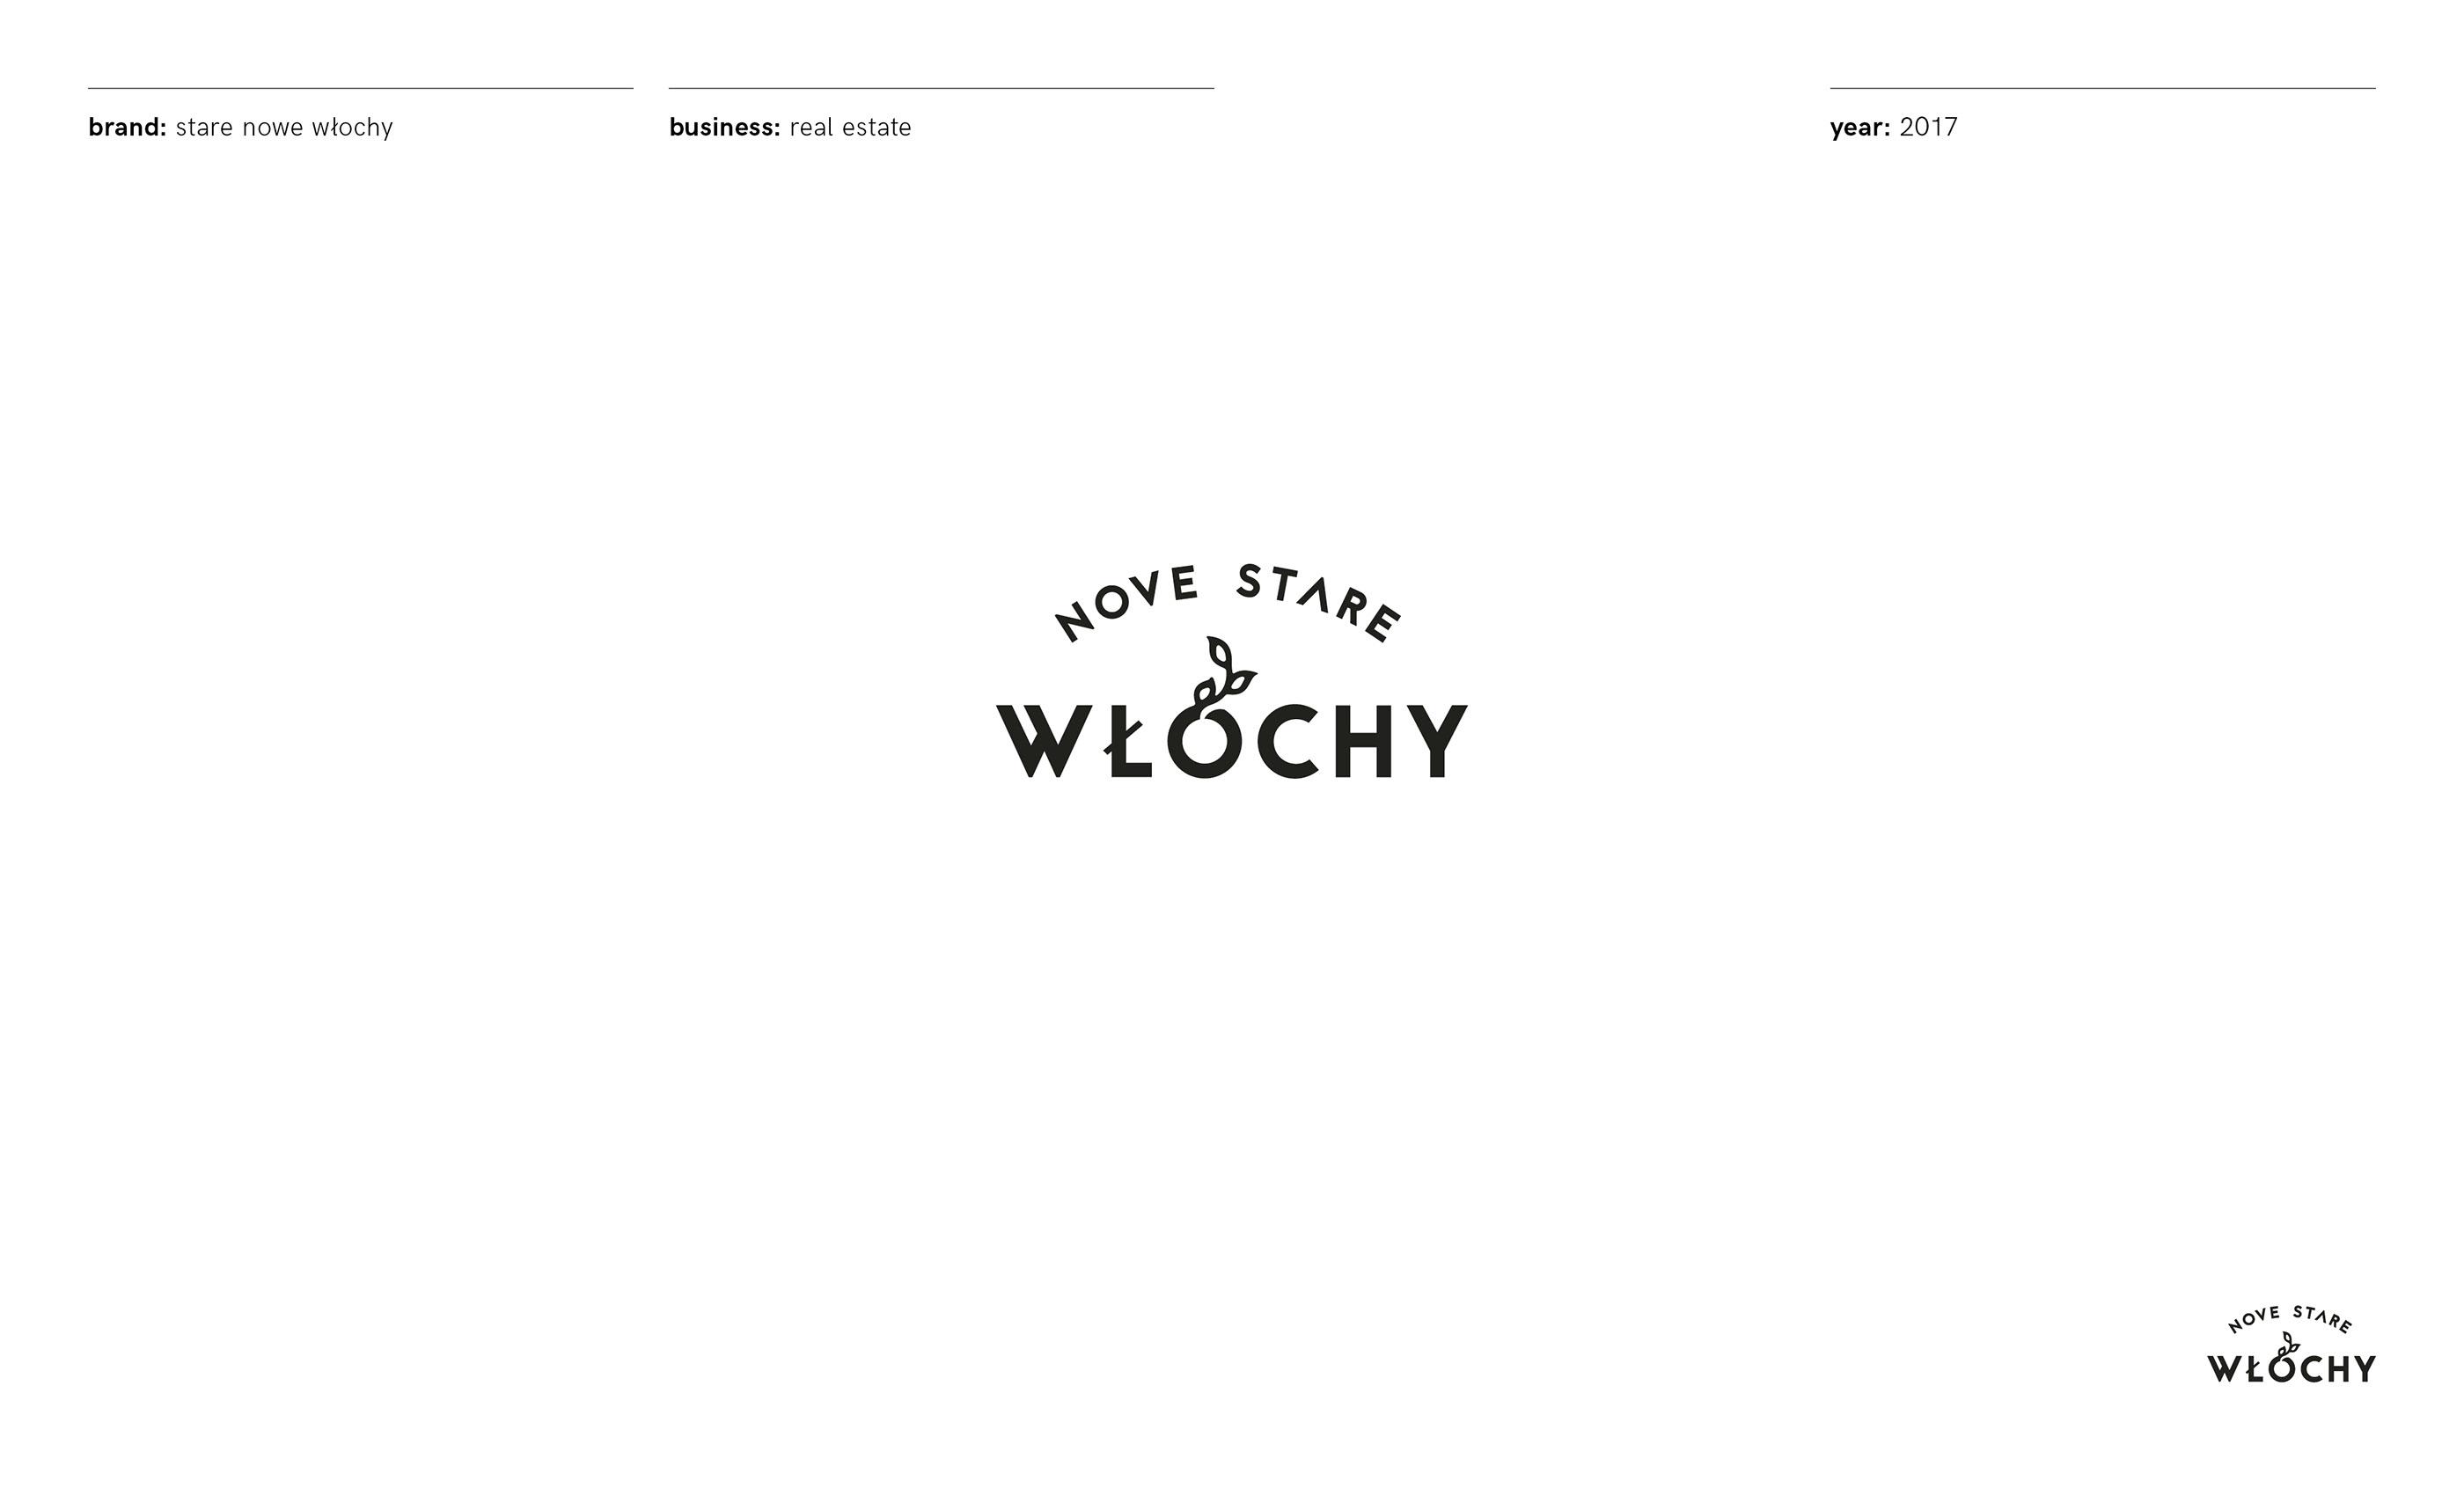 波兰企业标志设计作品欣赏